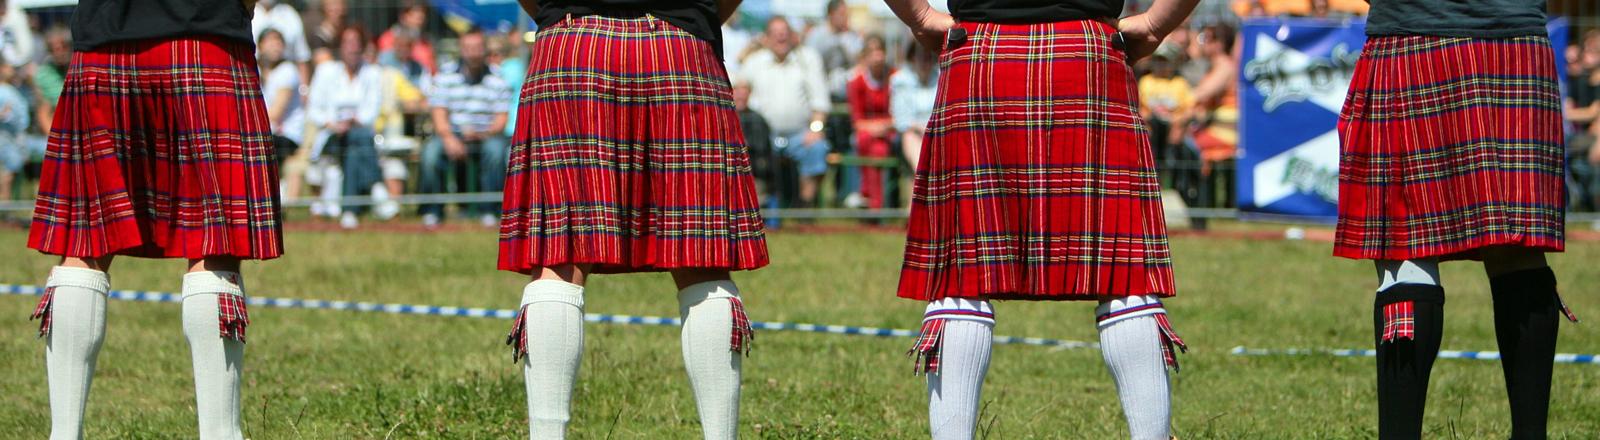 Teilnehmer im traditionellen Kilt warten bei den 1. Highlander-Festspielen in Fürstenwalde auf ihren Auftritt.